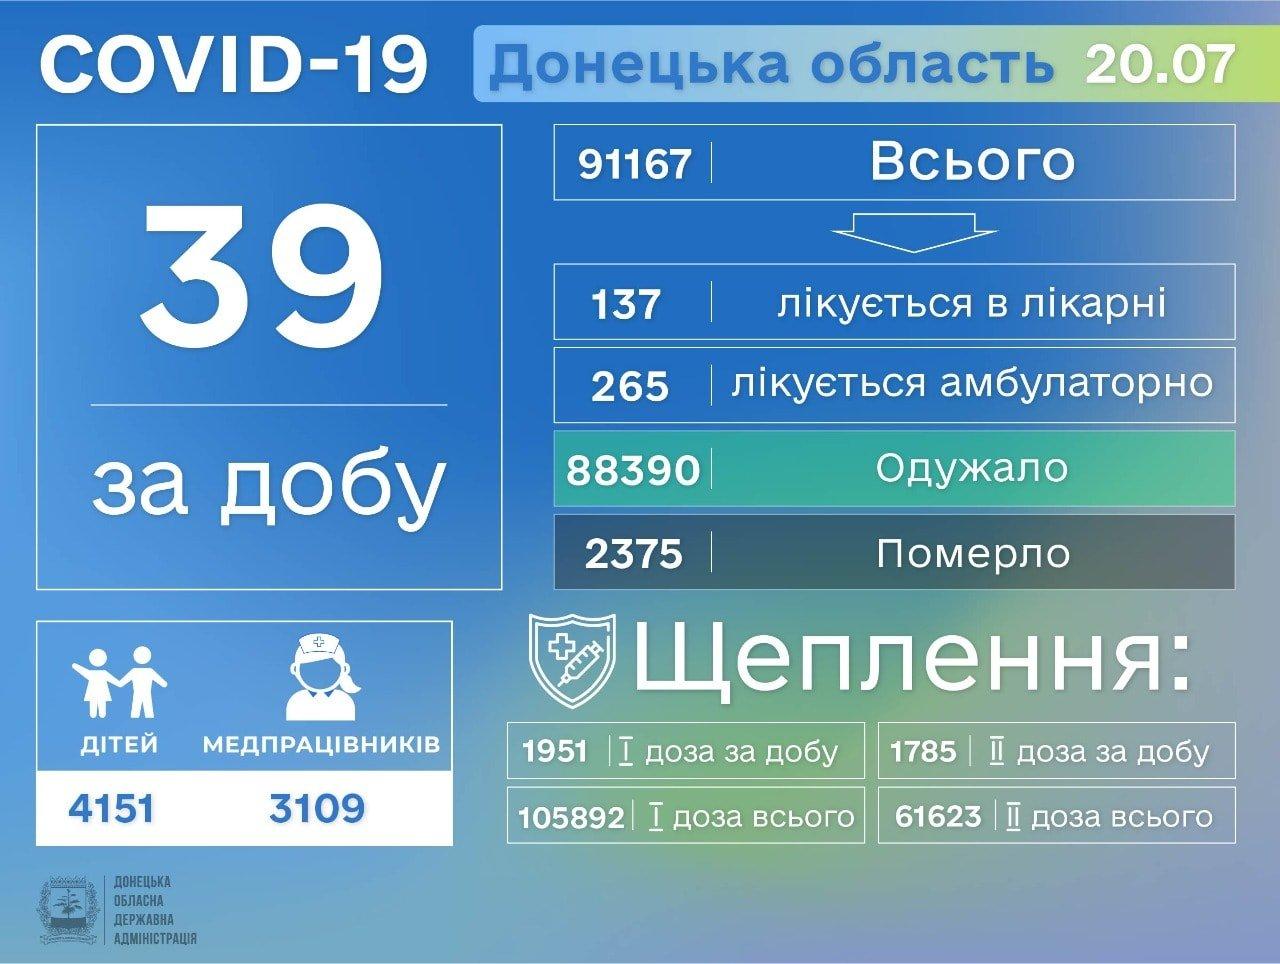 Донецкая область второй день в лидерах по количеству заболевших COVID-19, фото-1